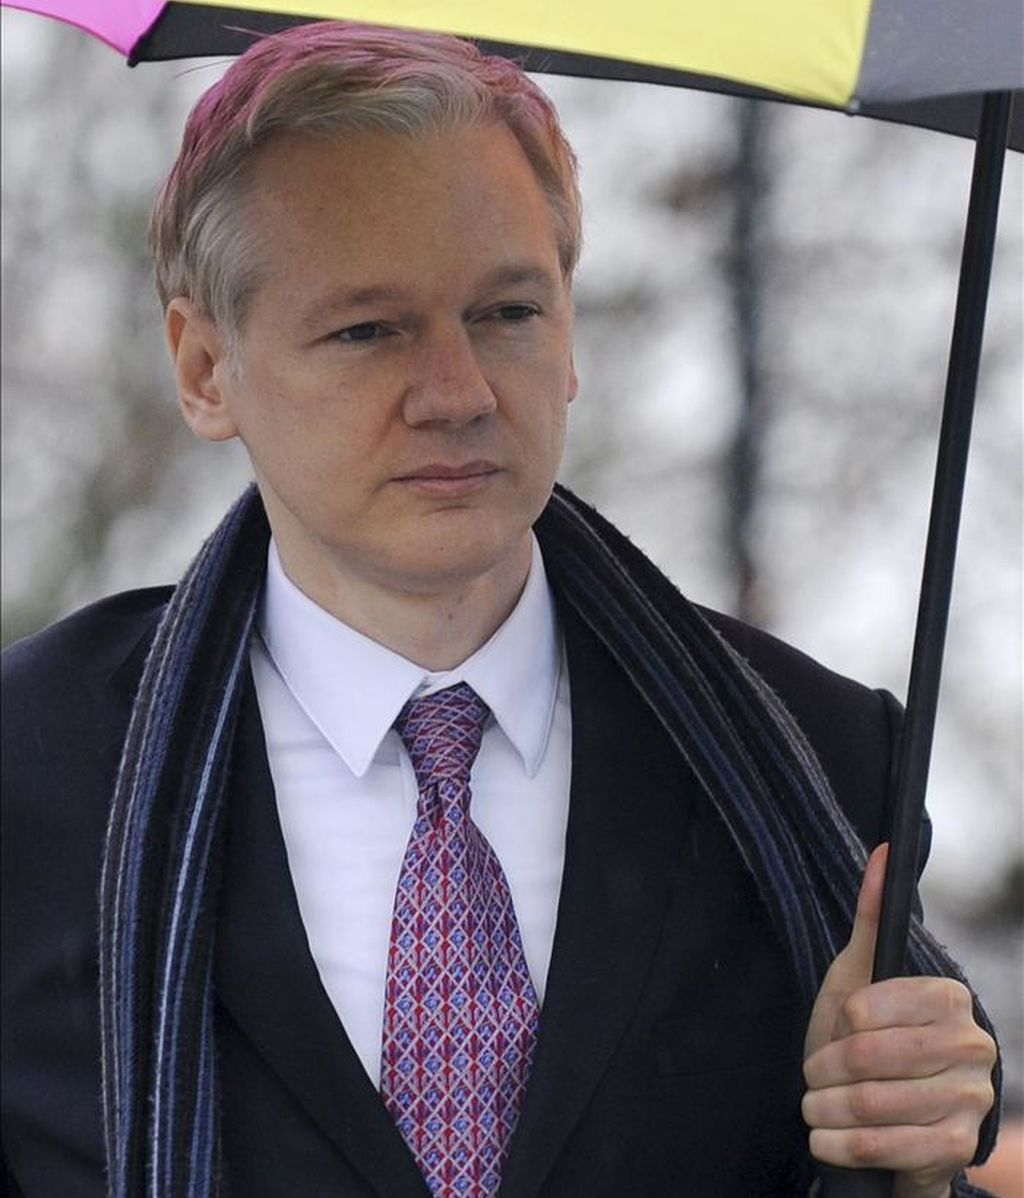 El fundador de Wikileaks, Julian Assange, llega al Belmarsh Magistrates Court para la tercera jornada de la vista judicial sobre su extradición a Suecia, en Londres, el pasado 11 de febrero. EFE/Archivo